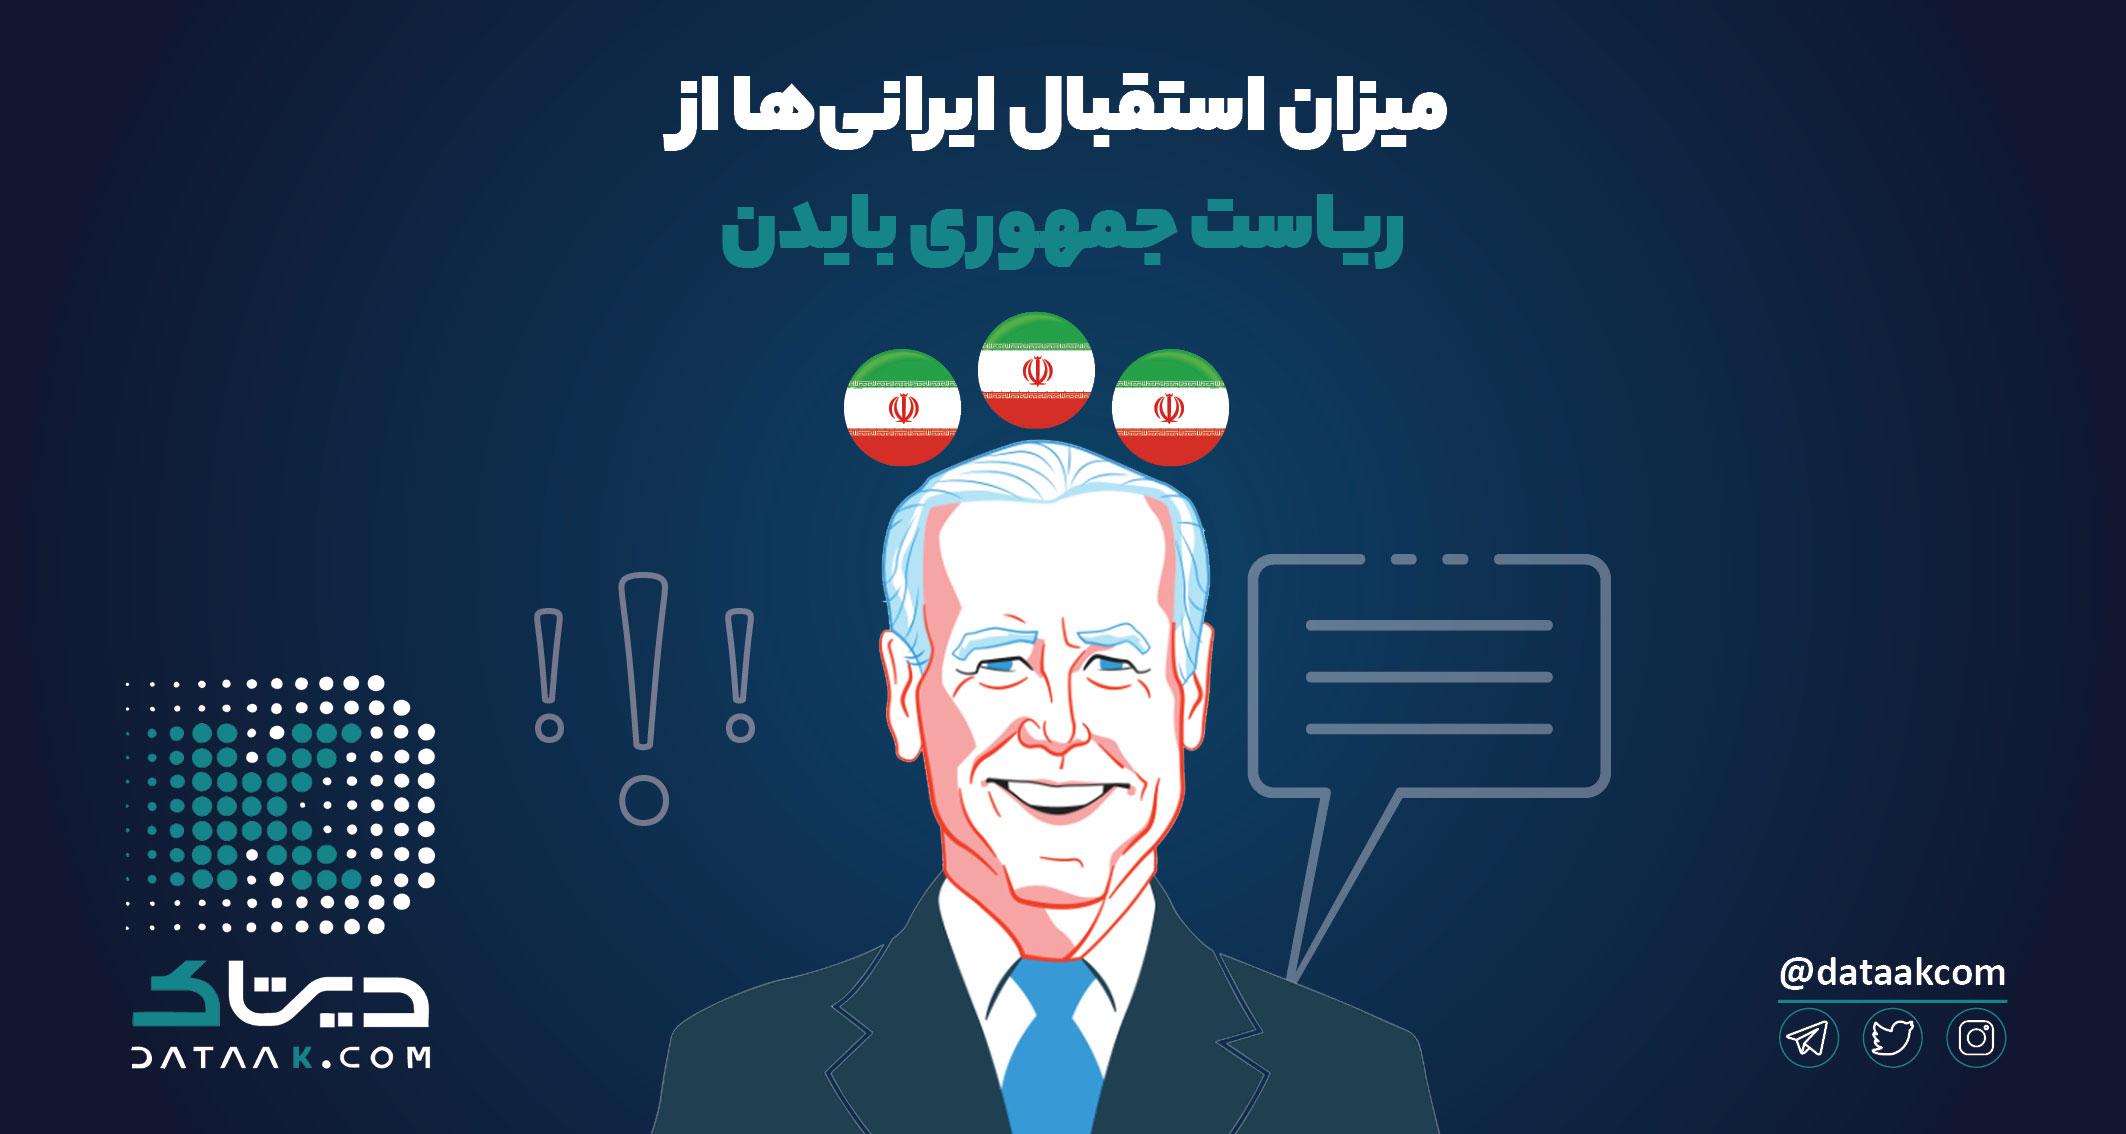 پیروزی جو بایدن ایرانیها را خوشحال کرد